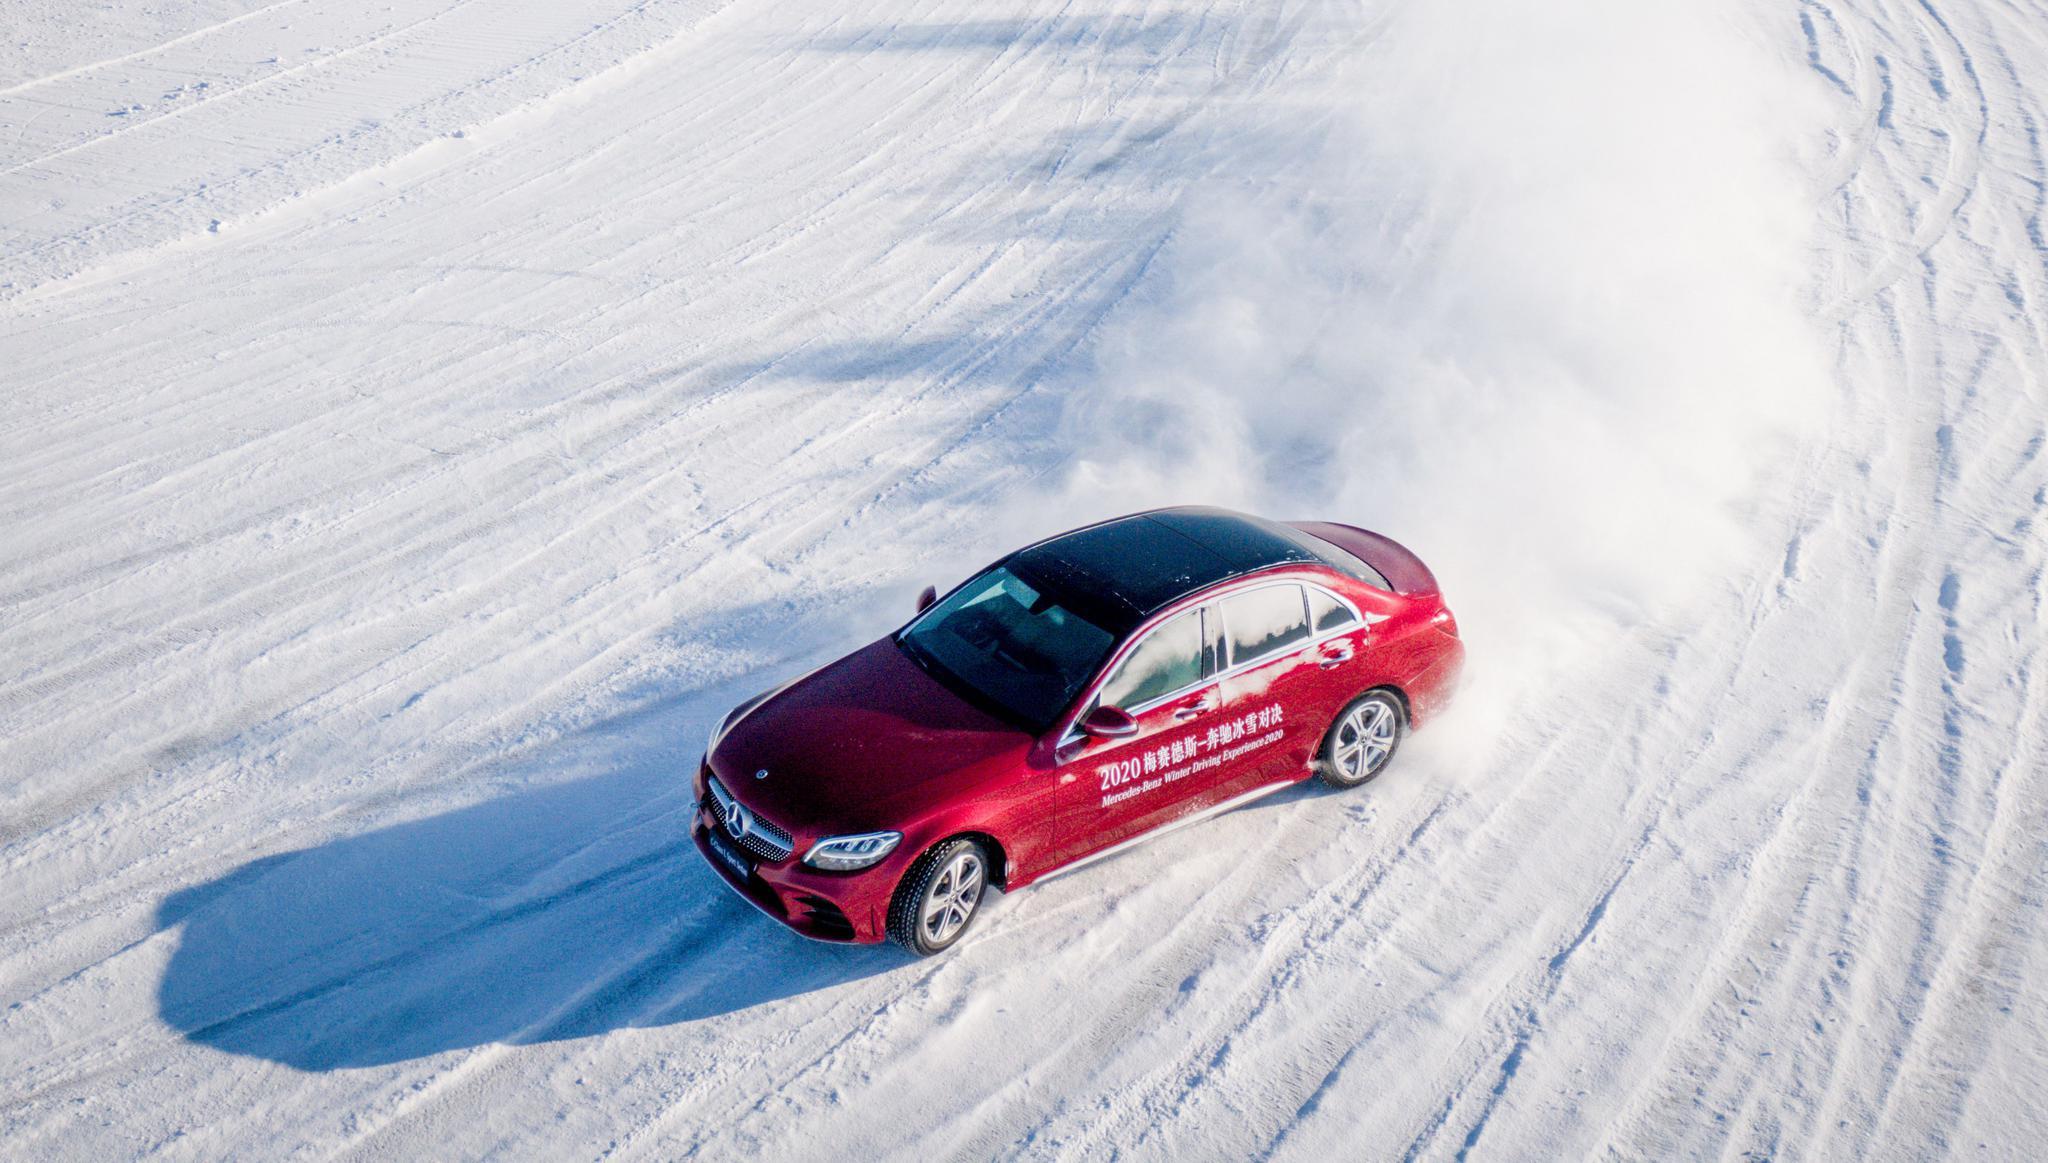 雪天行车学问多 前驱、后驱、四驱车型特点解读